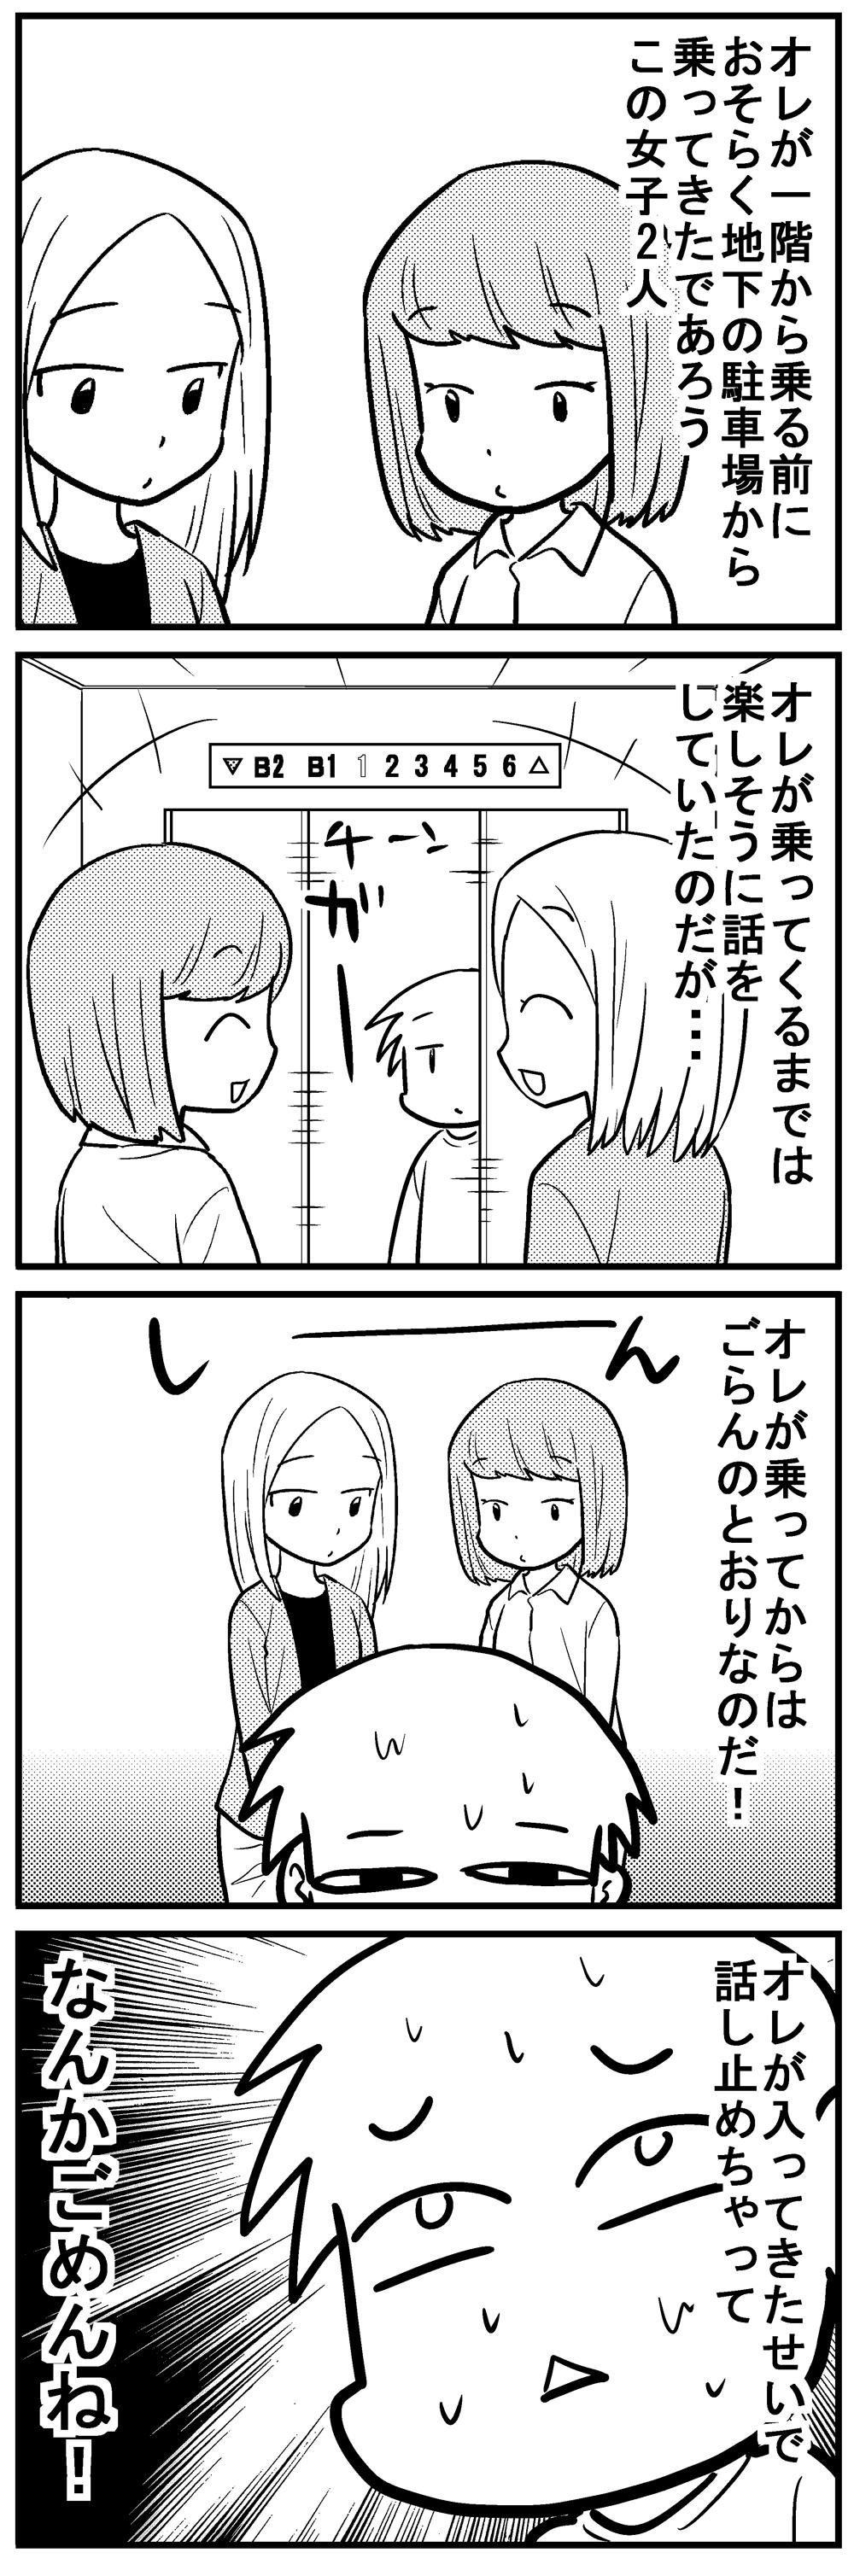 深読みくん102 2